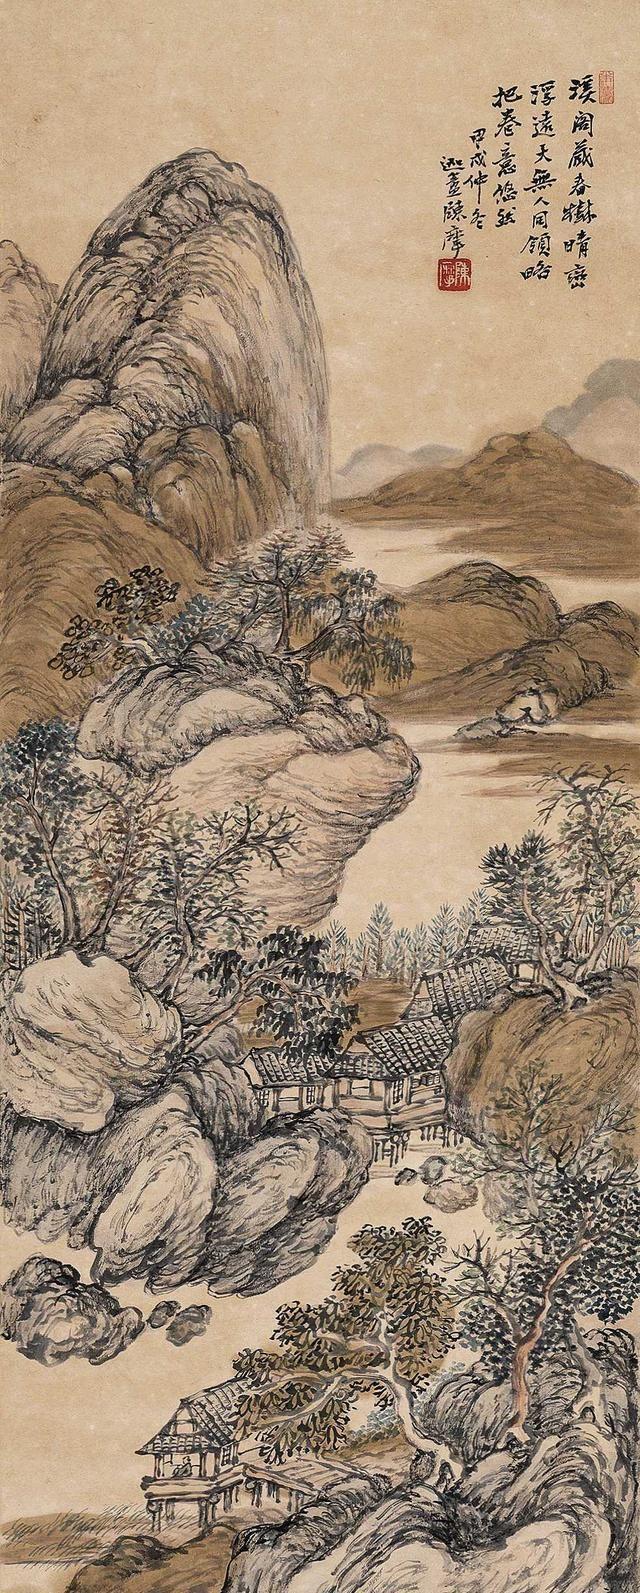 著名画家陈摩绘画作品欣赏